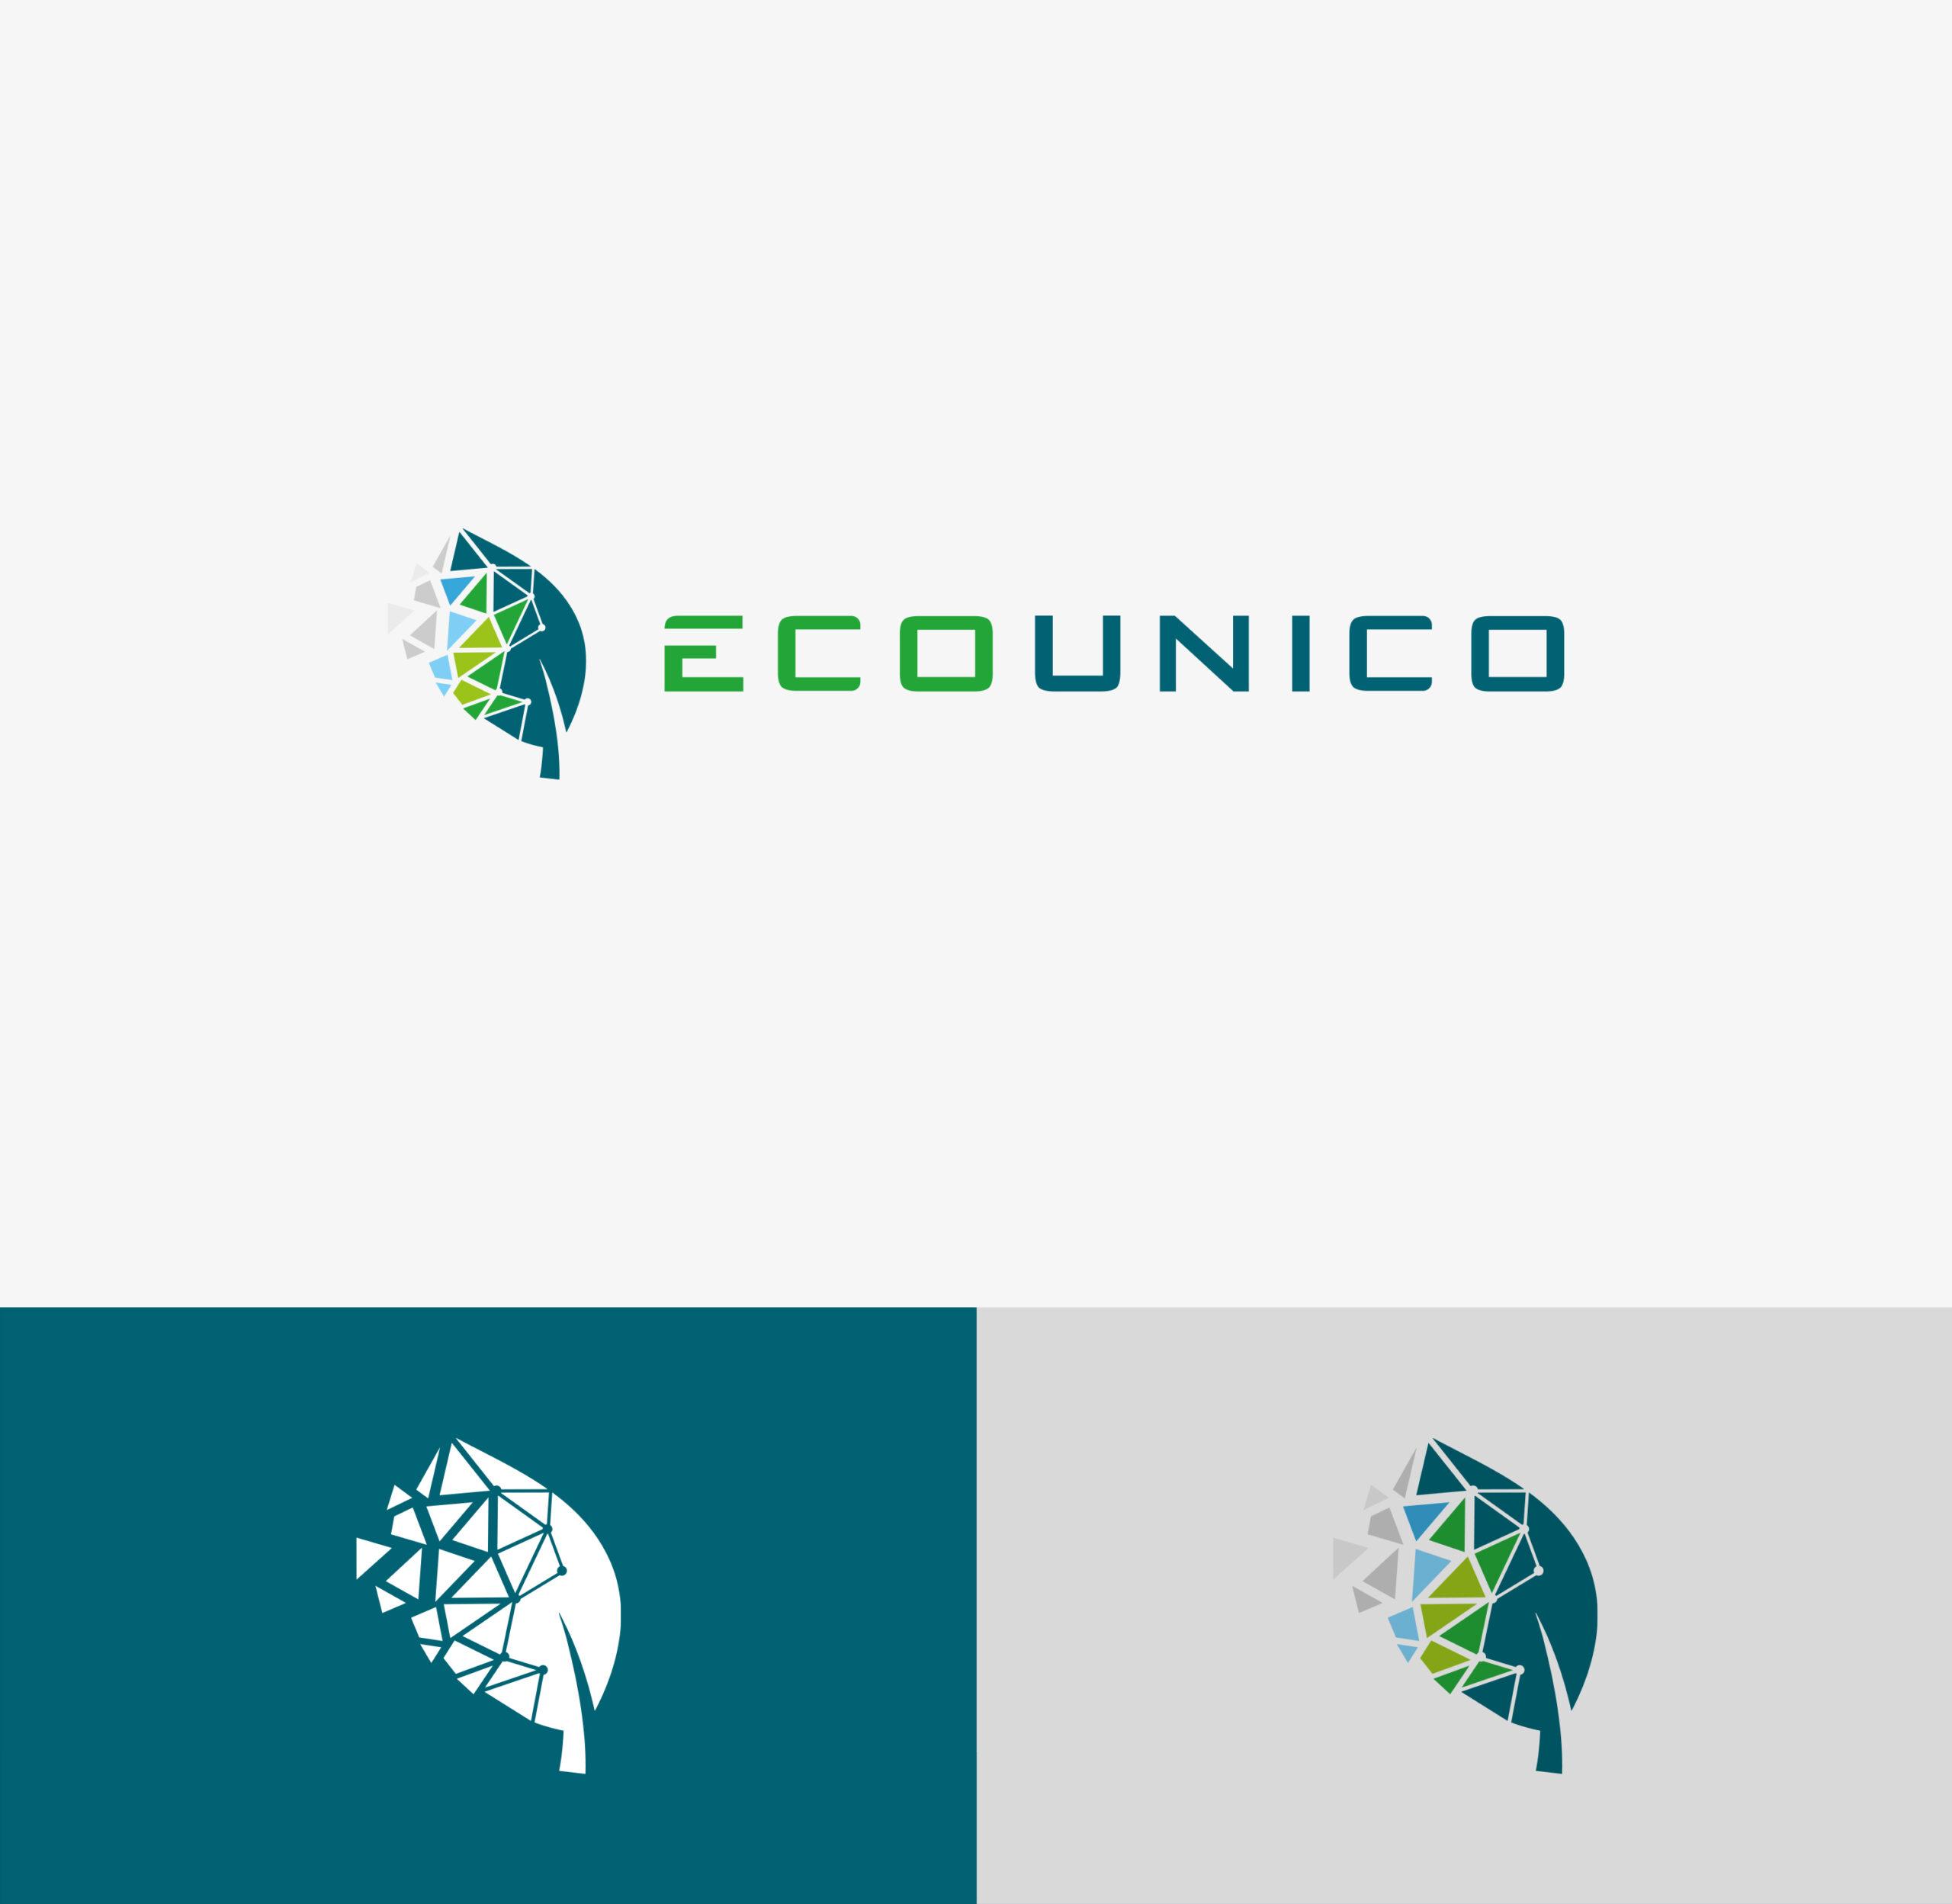 ecounico.com